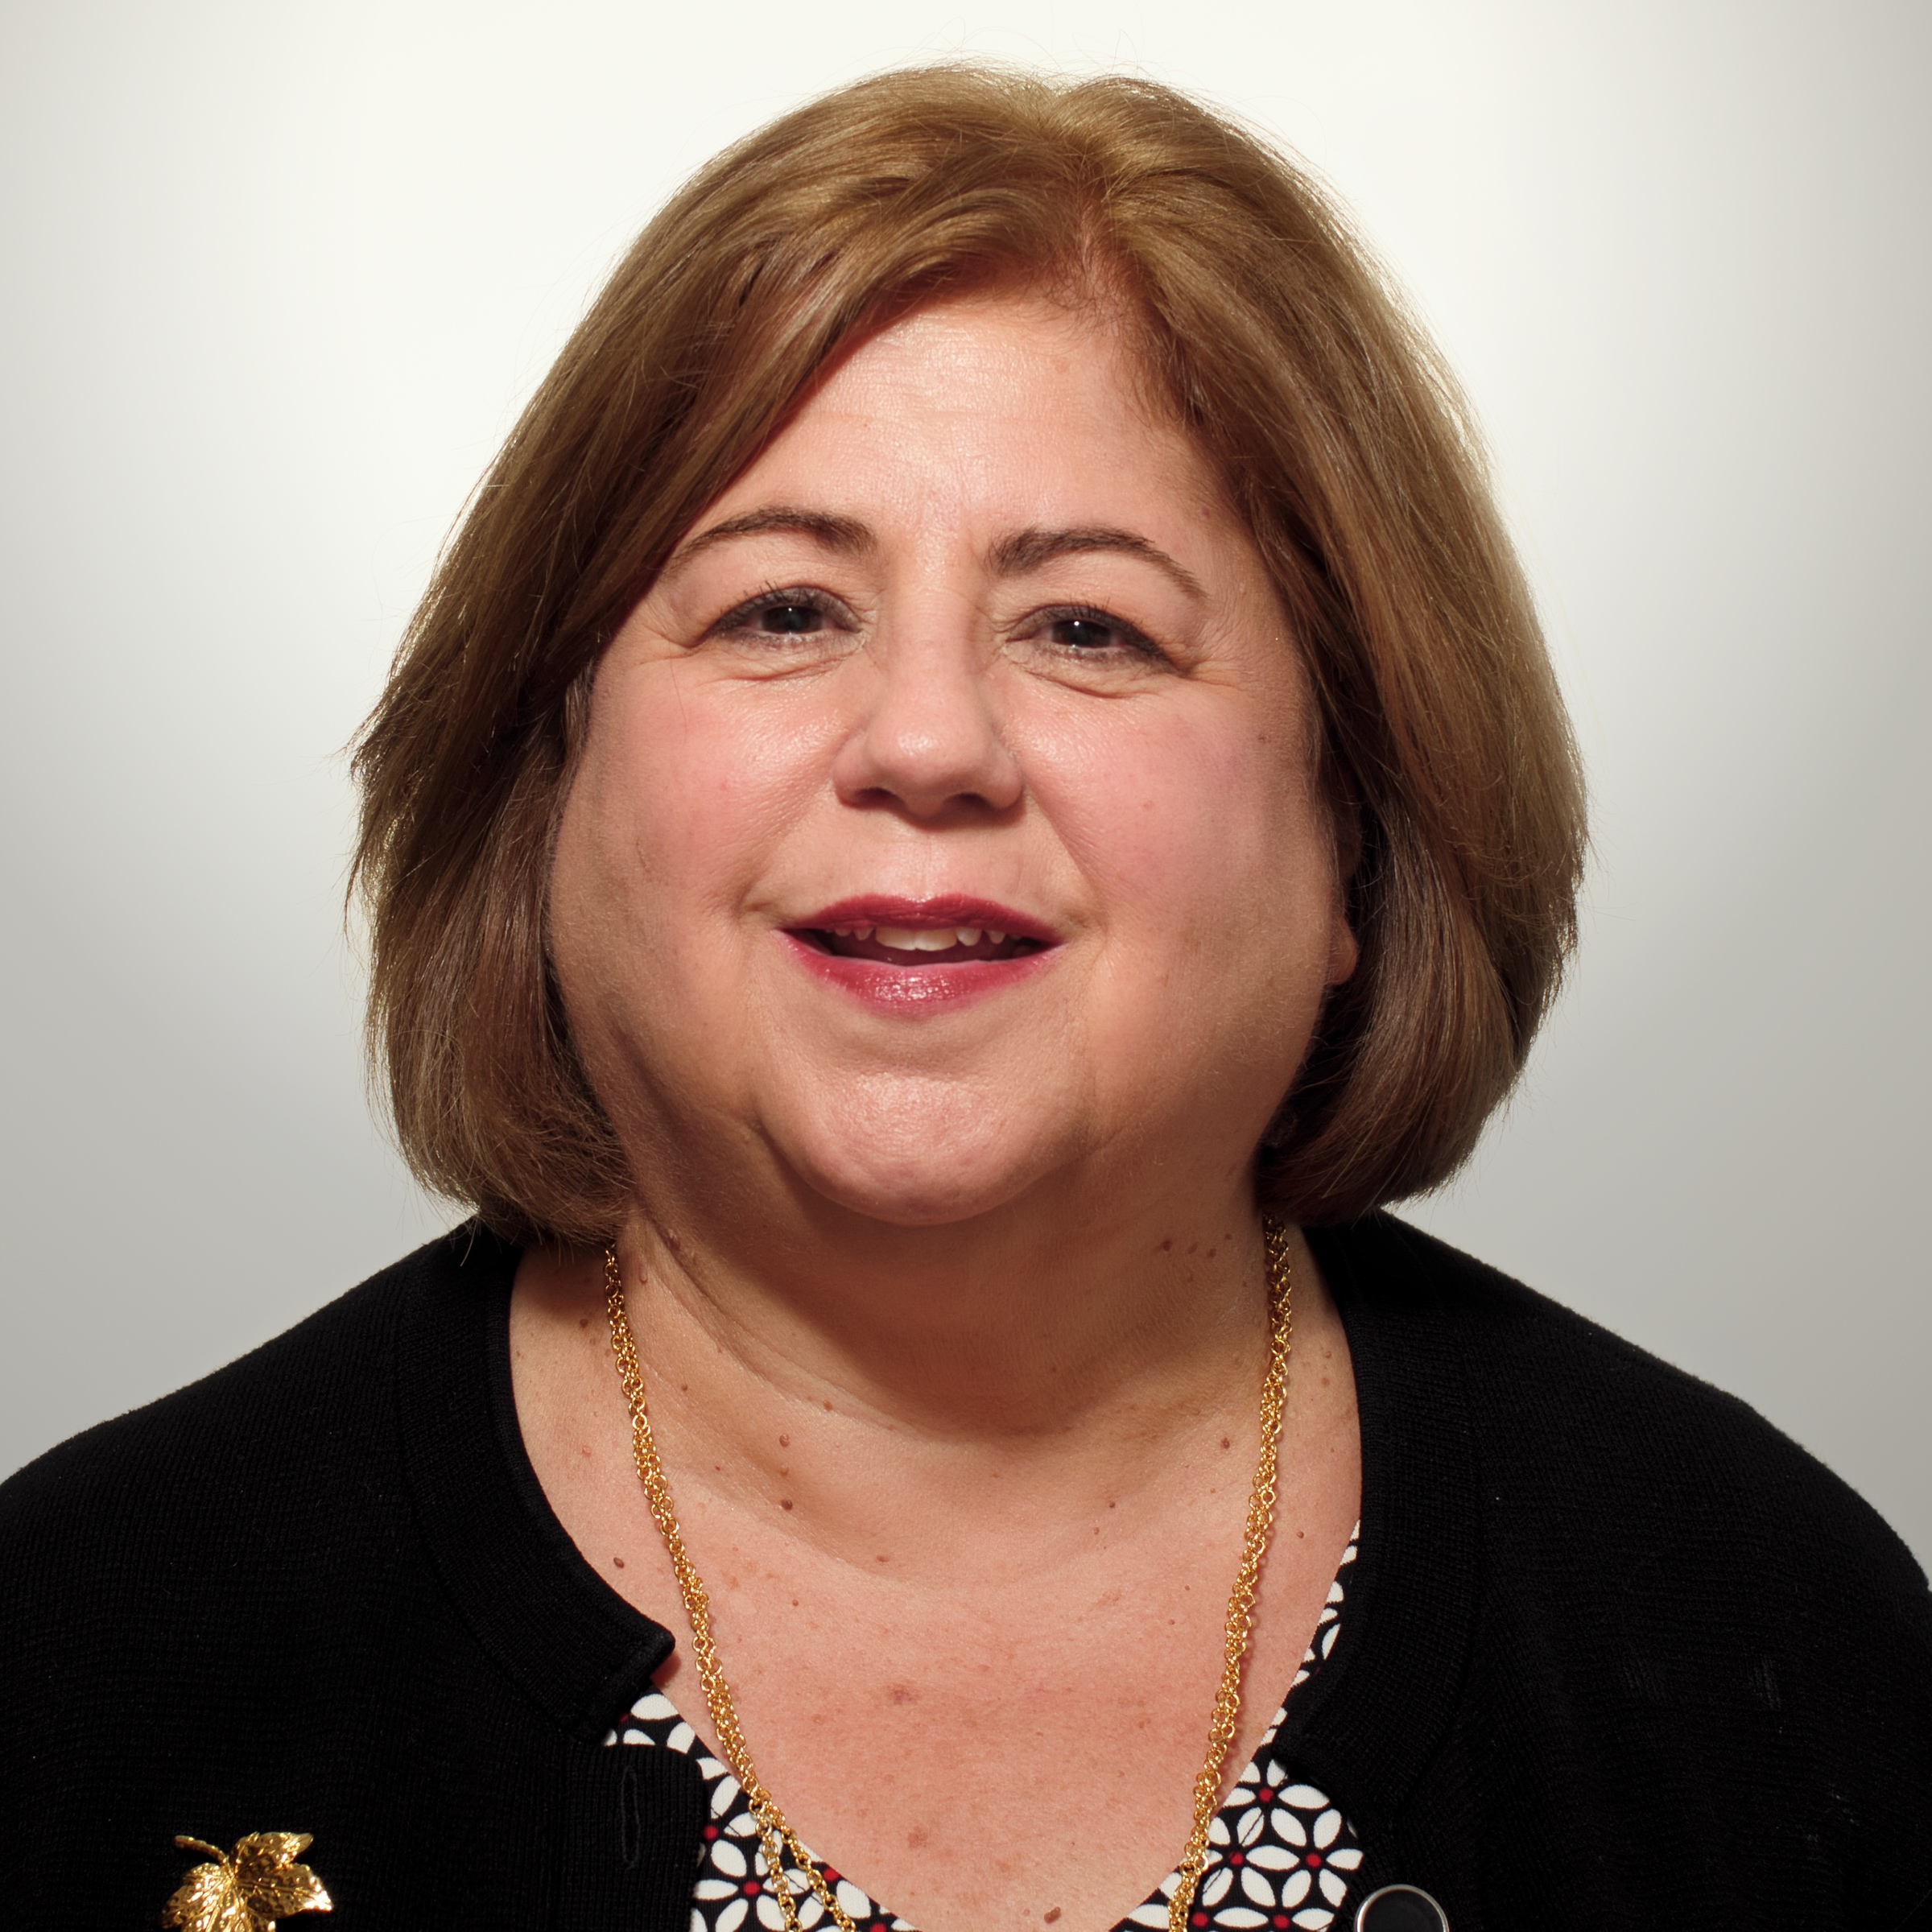 Deborah Shanta